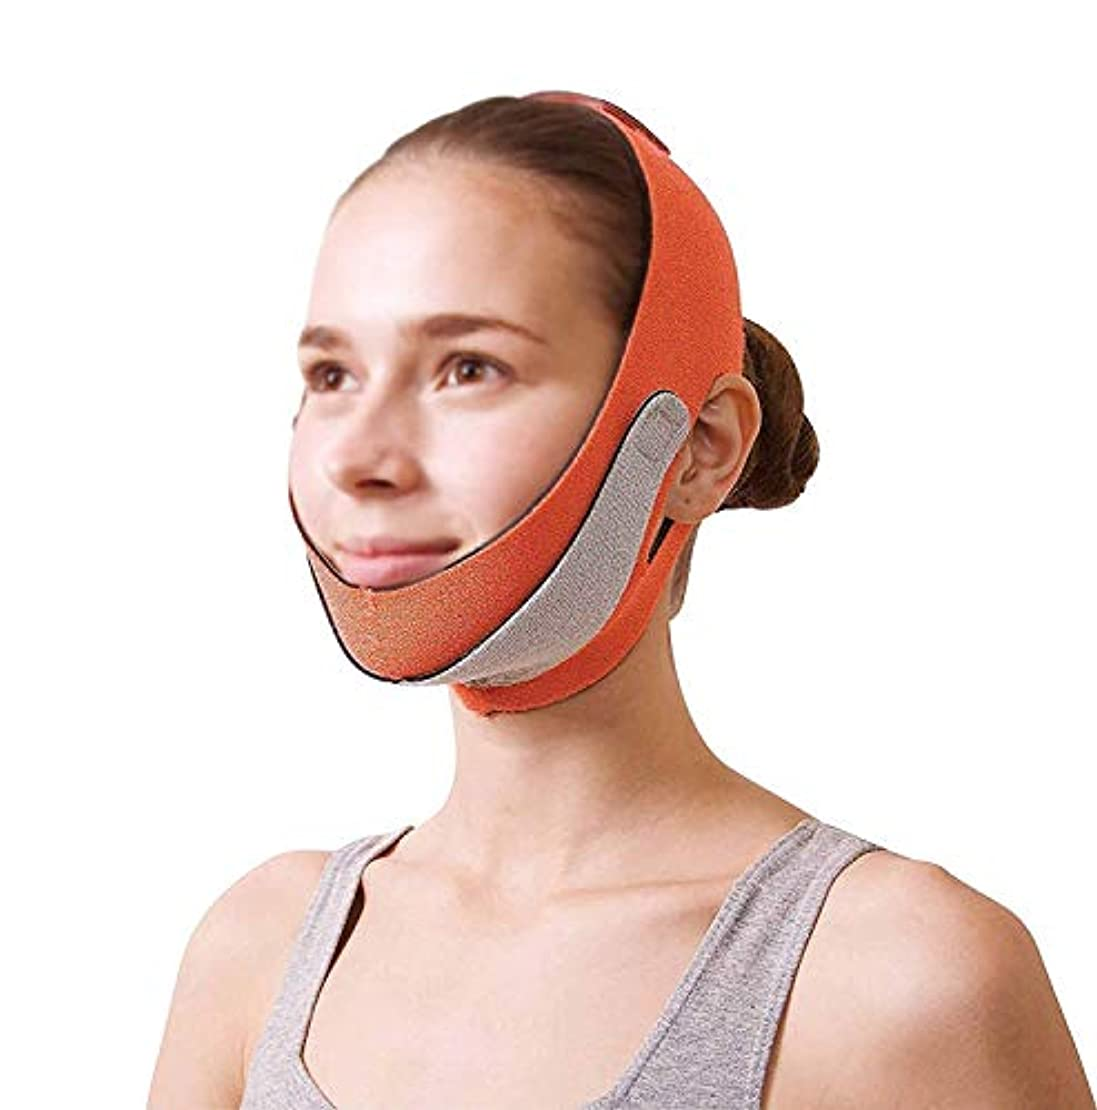 ストローク染色優勢フェイスリフトマスク、あごストラップ回復ポスト包帯ヘッドギアフェイスマスク顔薄いフェイスマスクアーティファクト美容顔と首リフトオレンジマスク